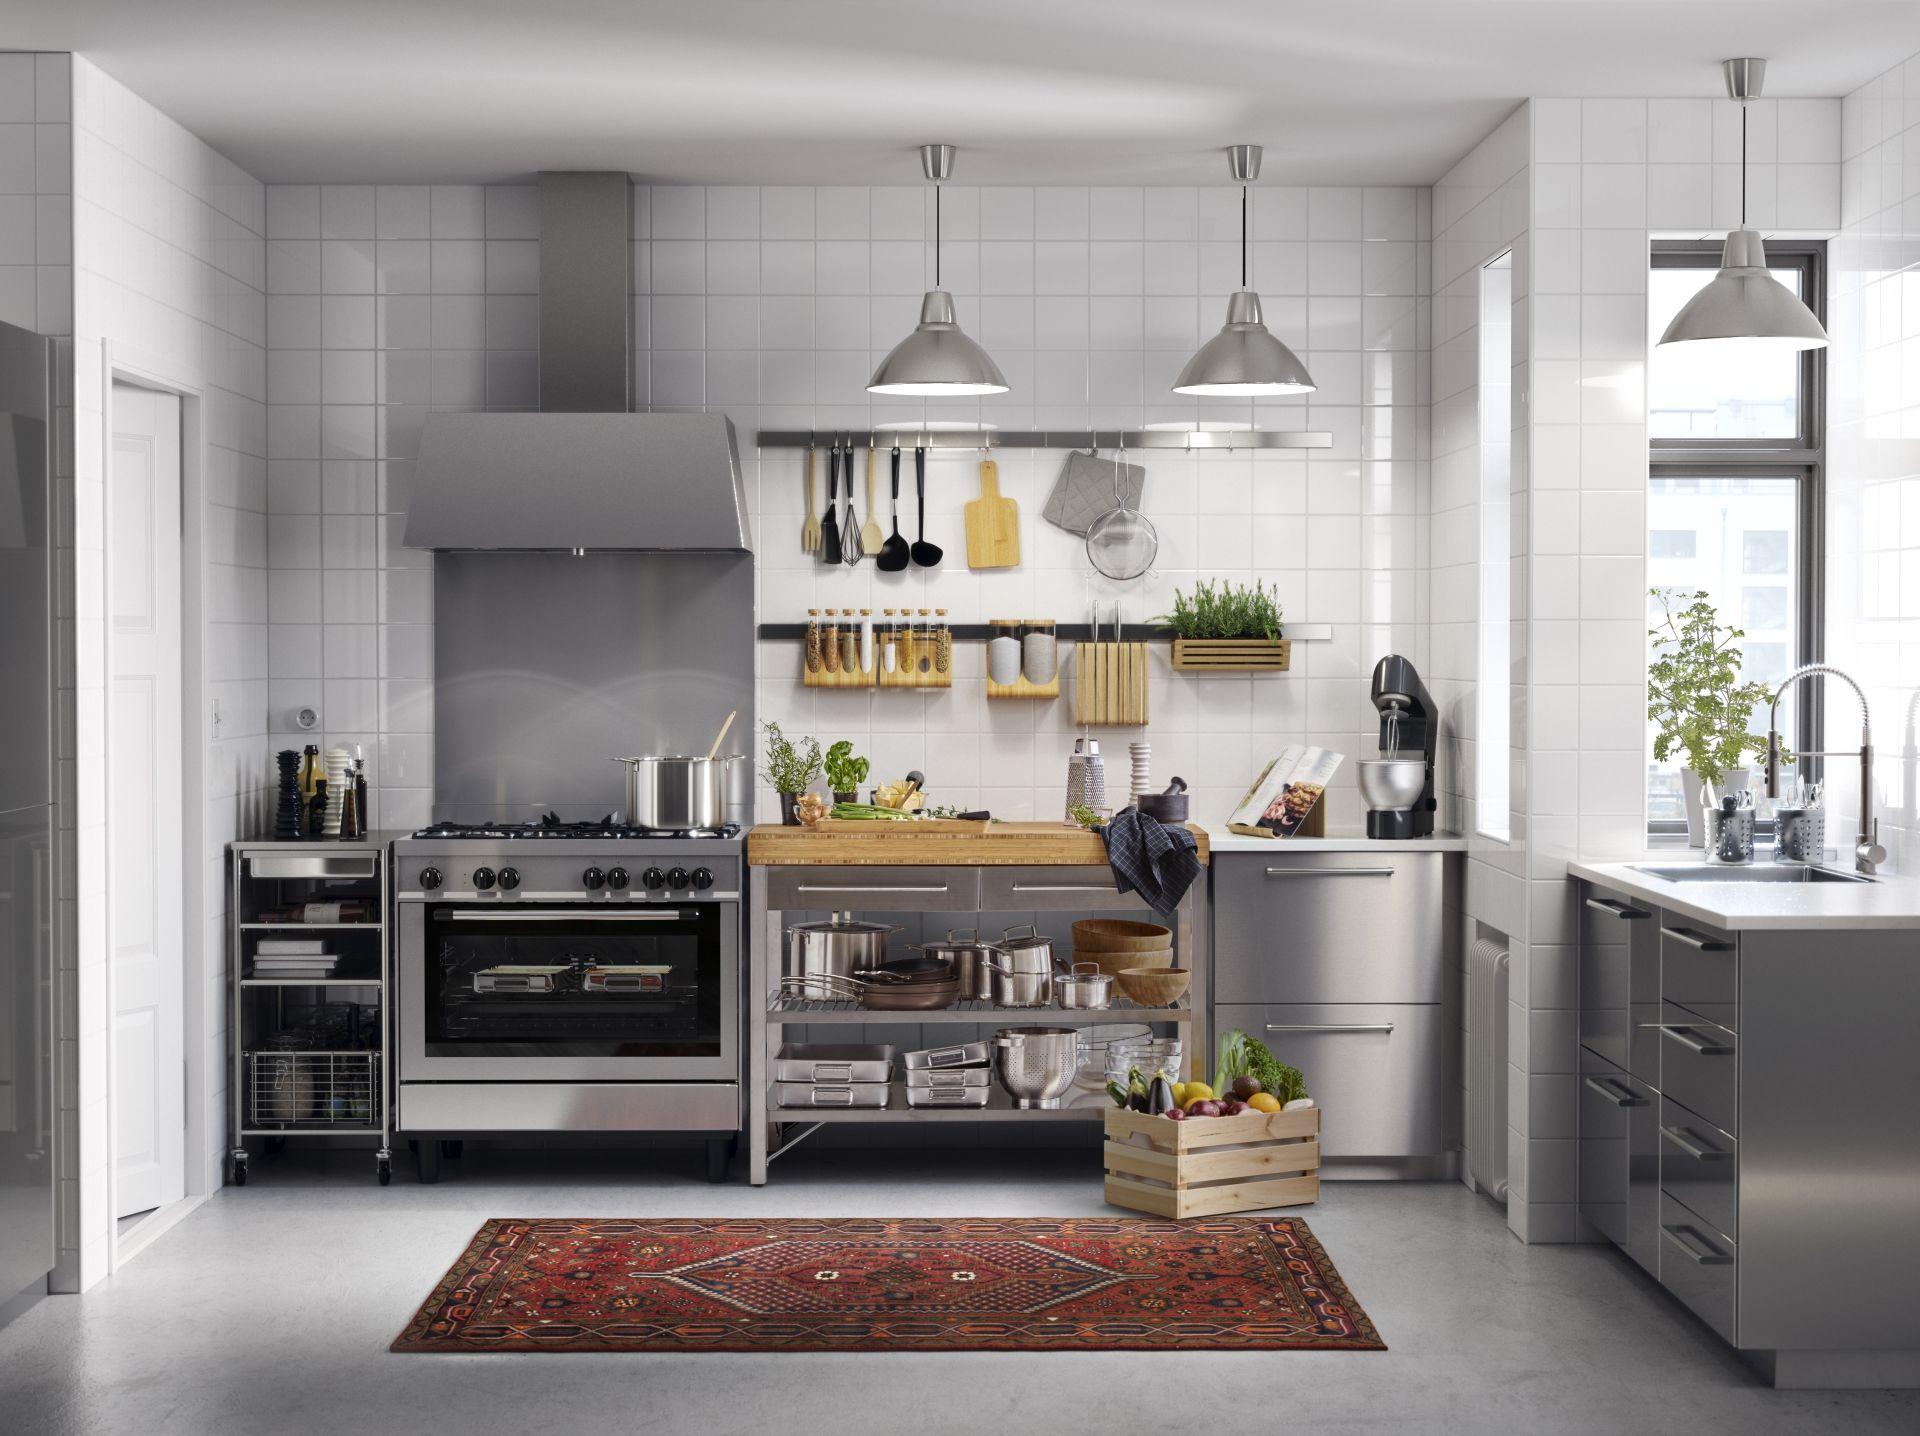 Rvs Keuken Ikea : Metod grevsta keuken ikea ikeanl ikeanederland inspiratie